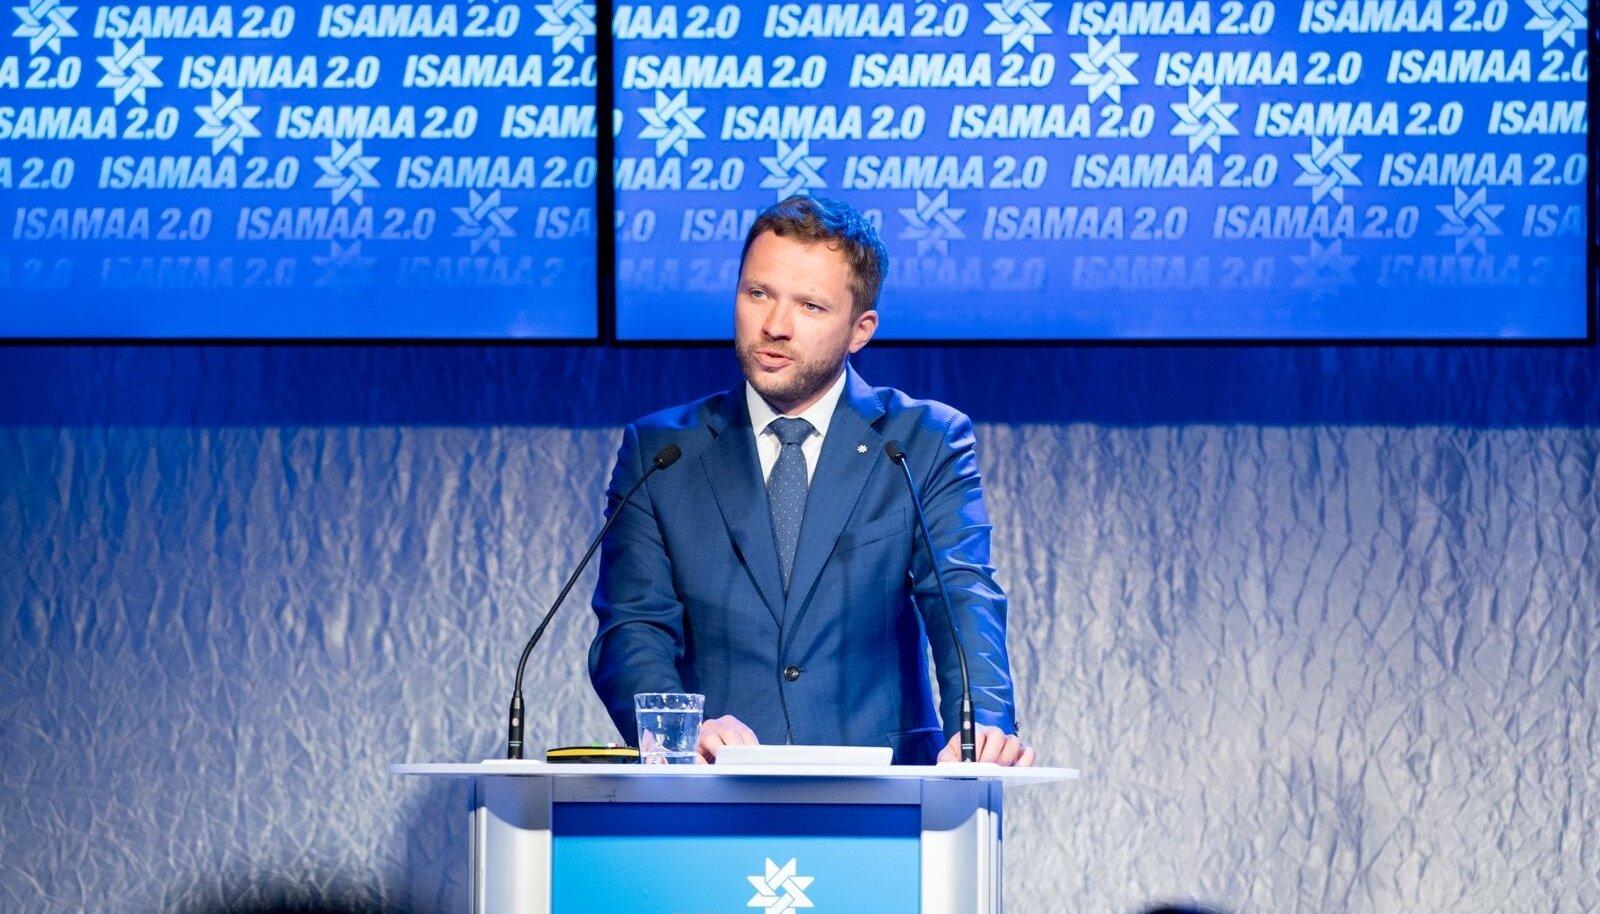 IRL-i  esimees Margus Tsahkna erakonna volikogul kõnet pidamas